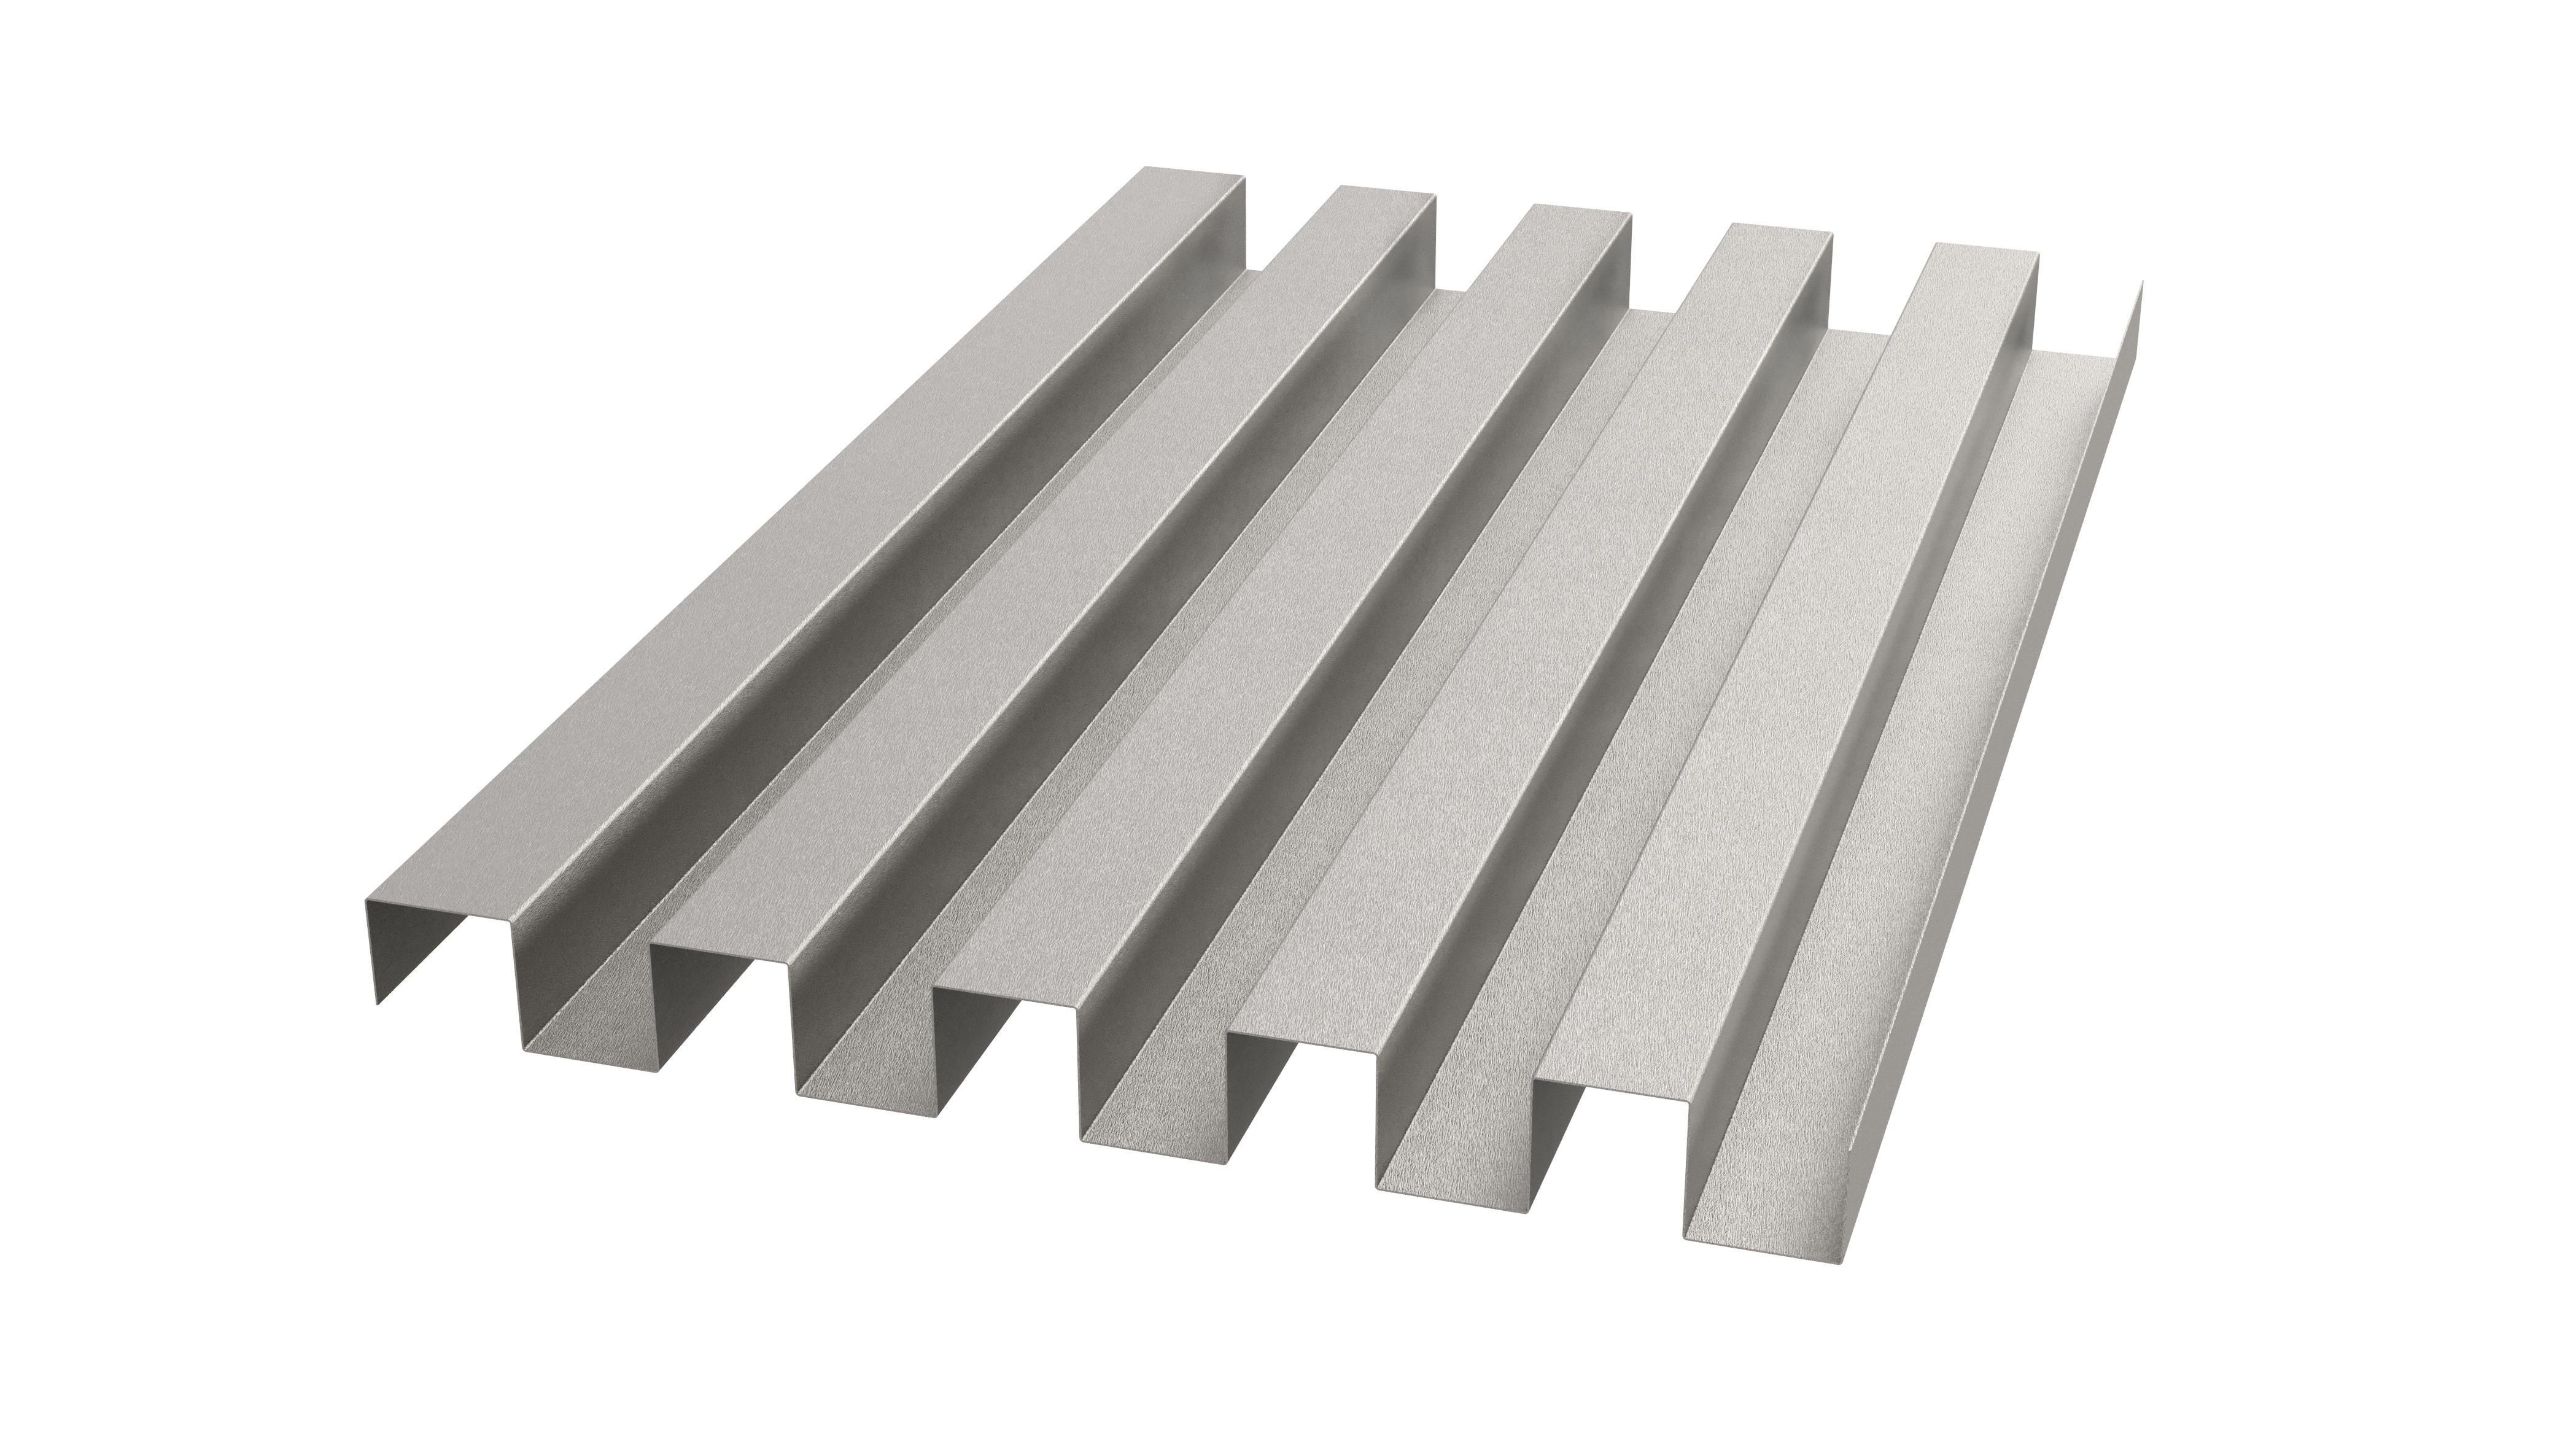 Mäanderprofil klassiche Metallfassaden